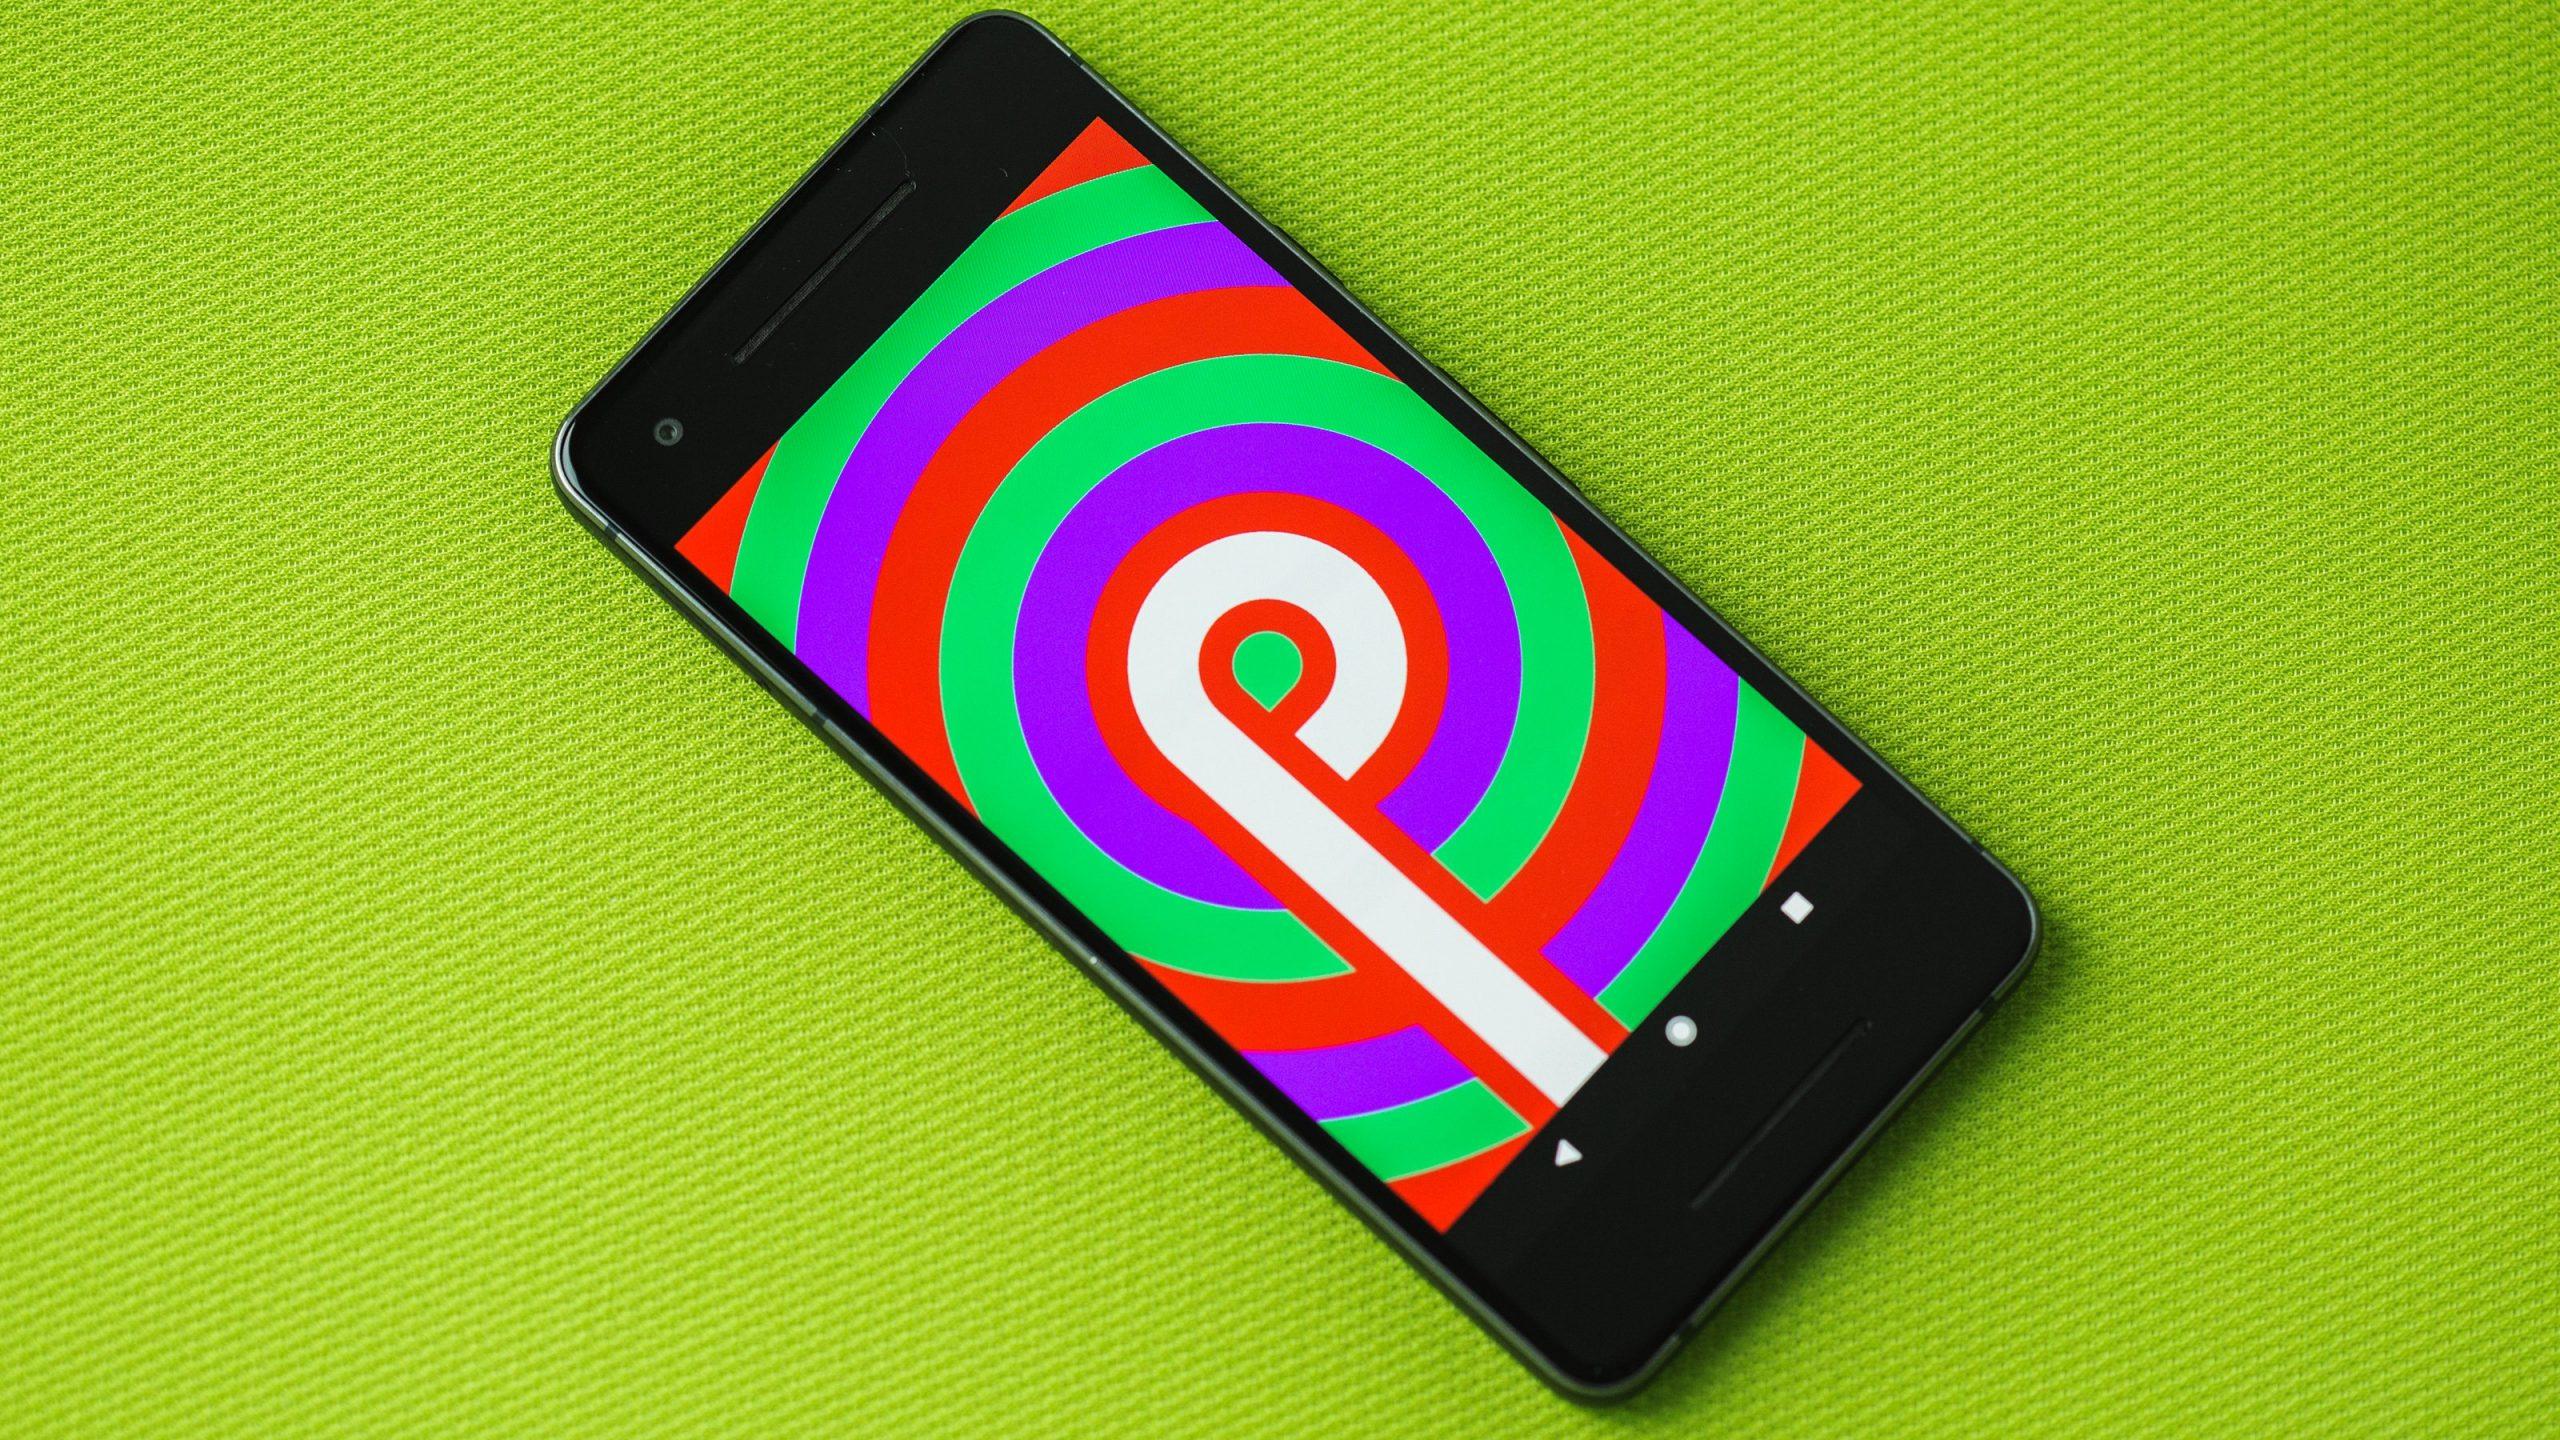 Android erabilera tasak iragarri dira!  Android 9.0 Tarta ez da berriro zerrendatu!